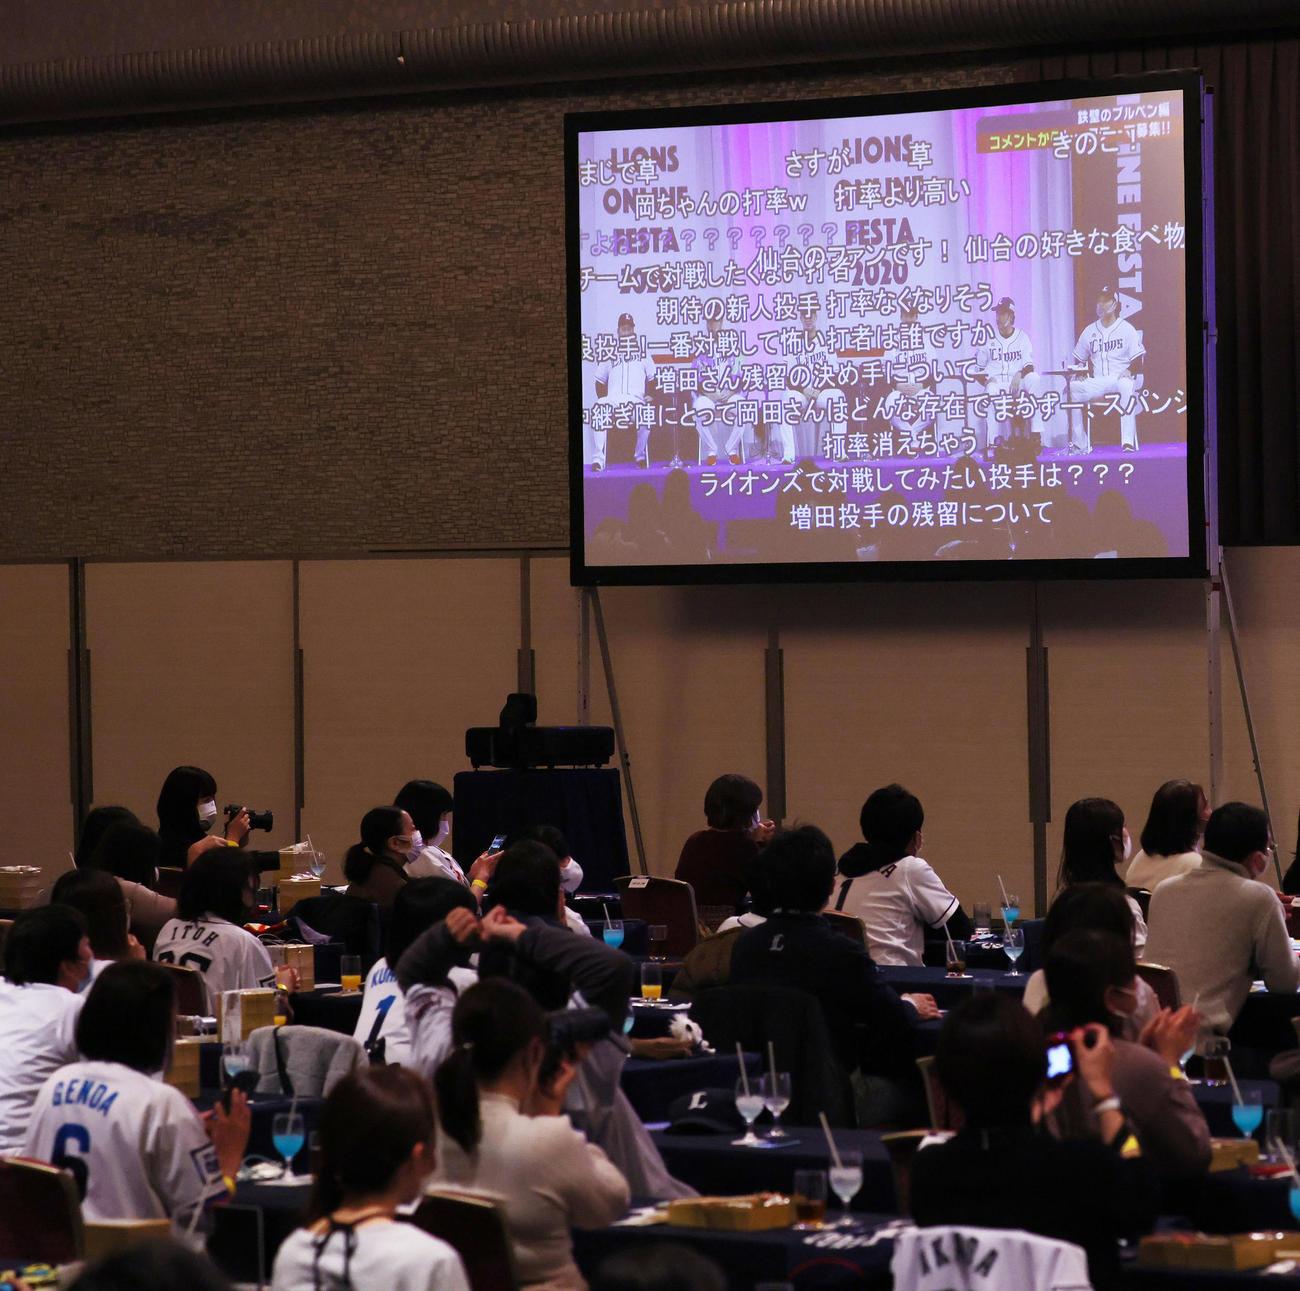 会場ではオンラインでファンからのコメントが映し出される(撮影・足立雅史)